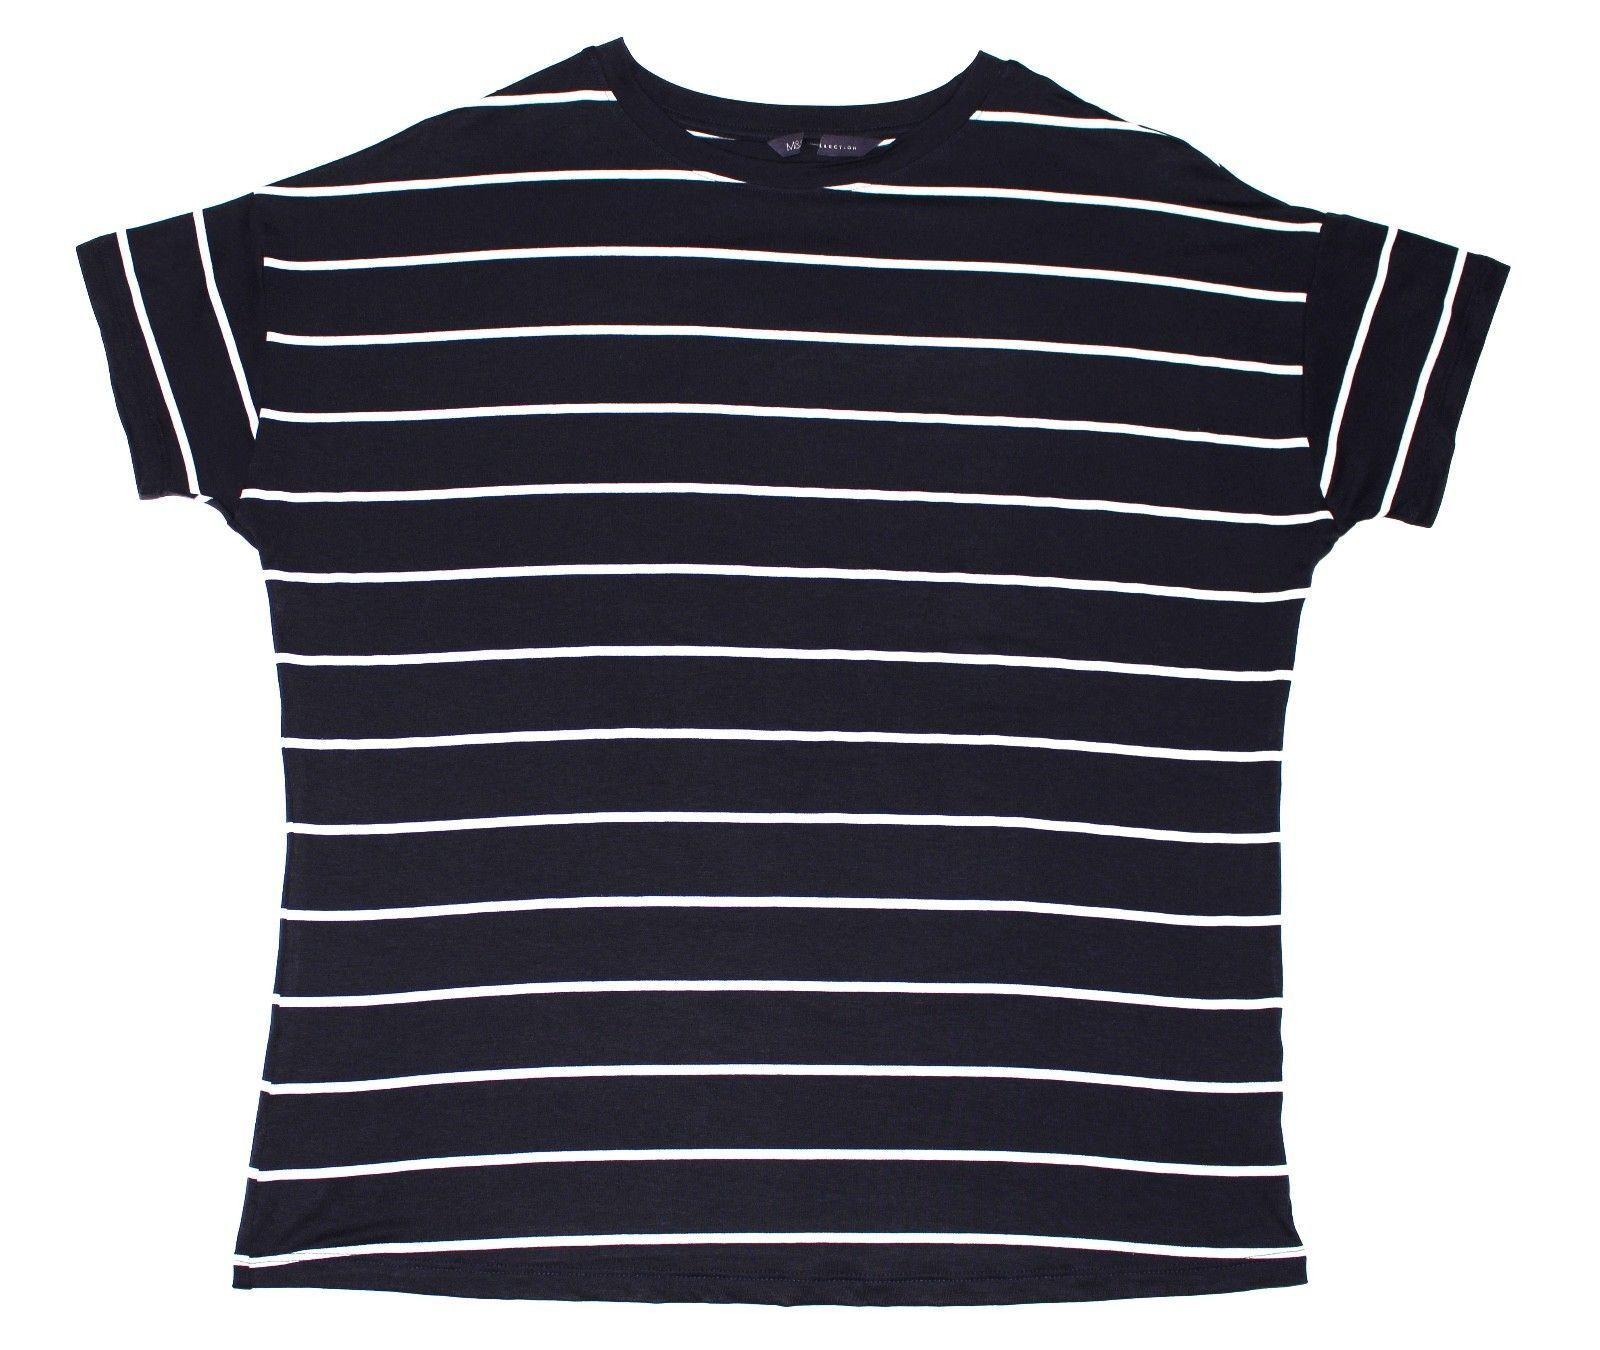 Details zu Lässige Damen Bluse Kurzärmelig Gestreift Leicht EX M&S Sommer T Shirt